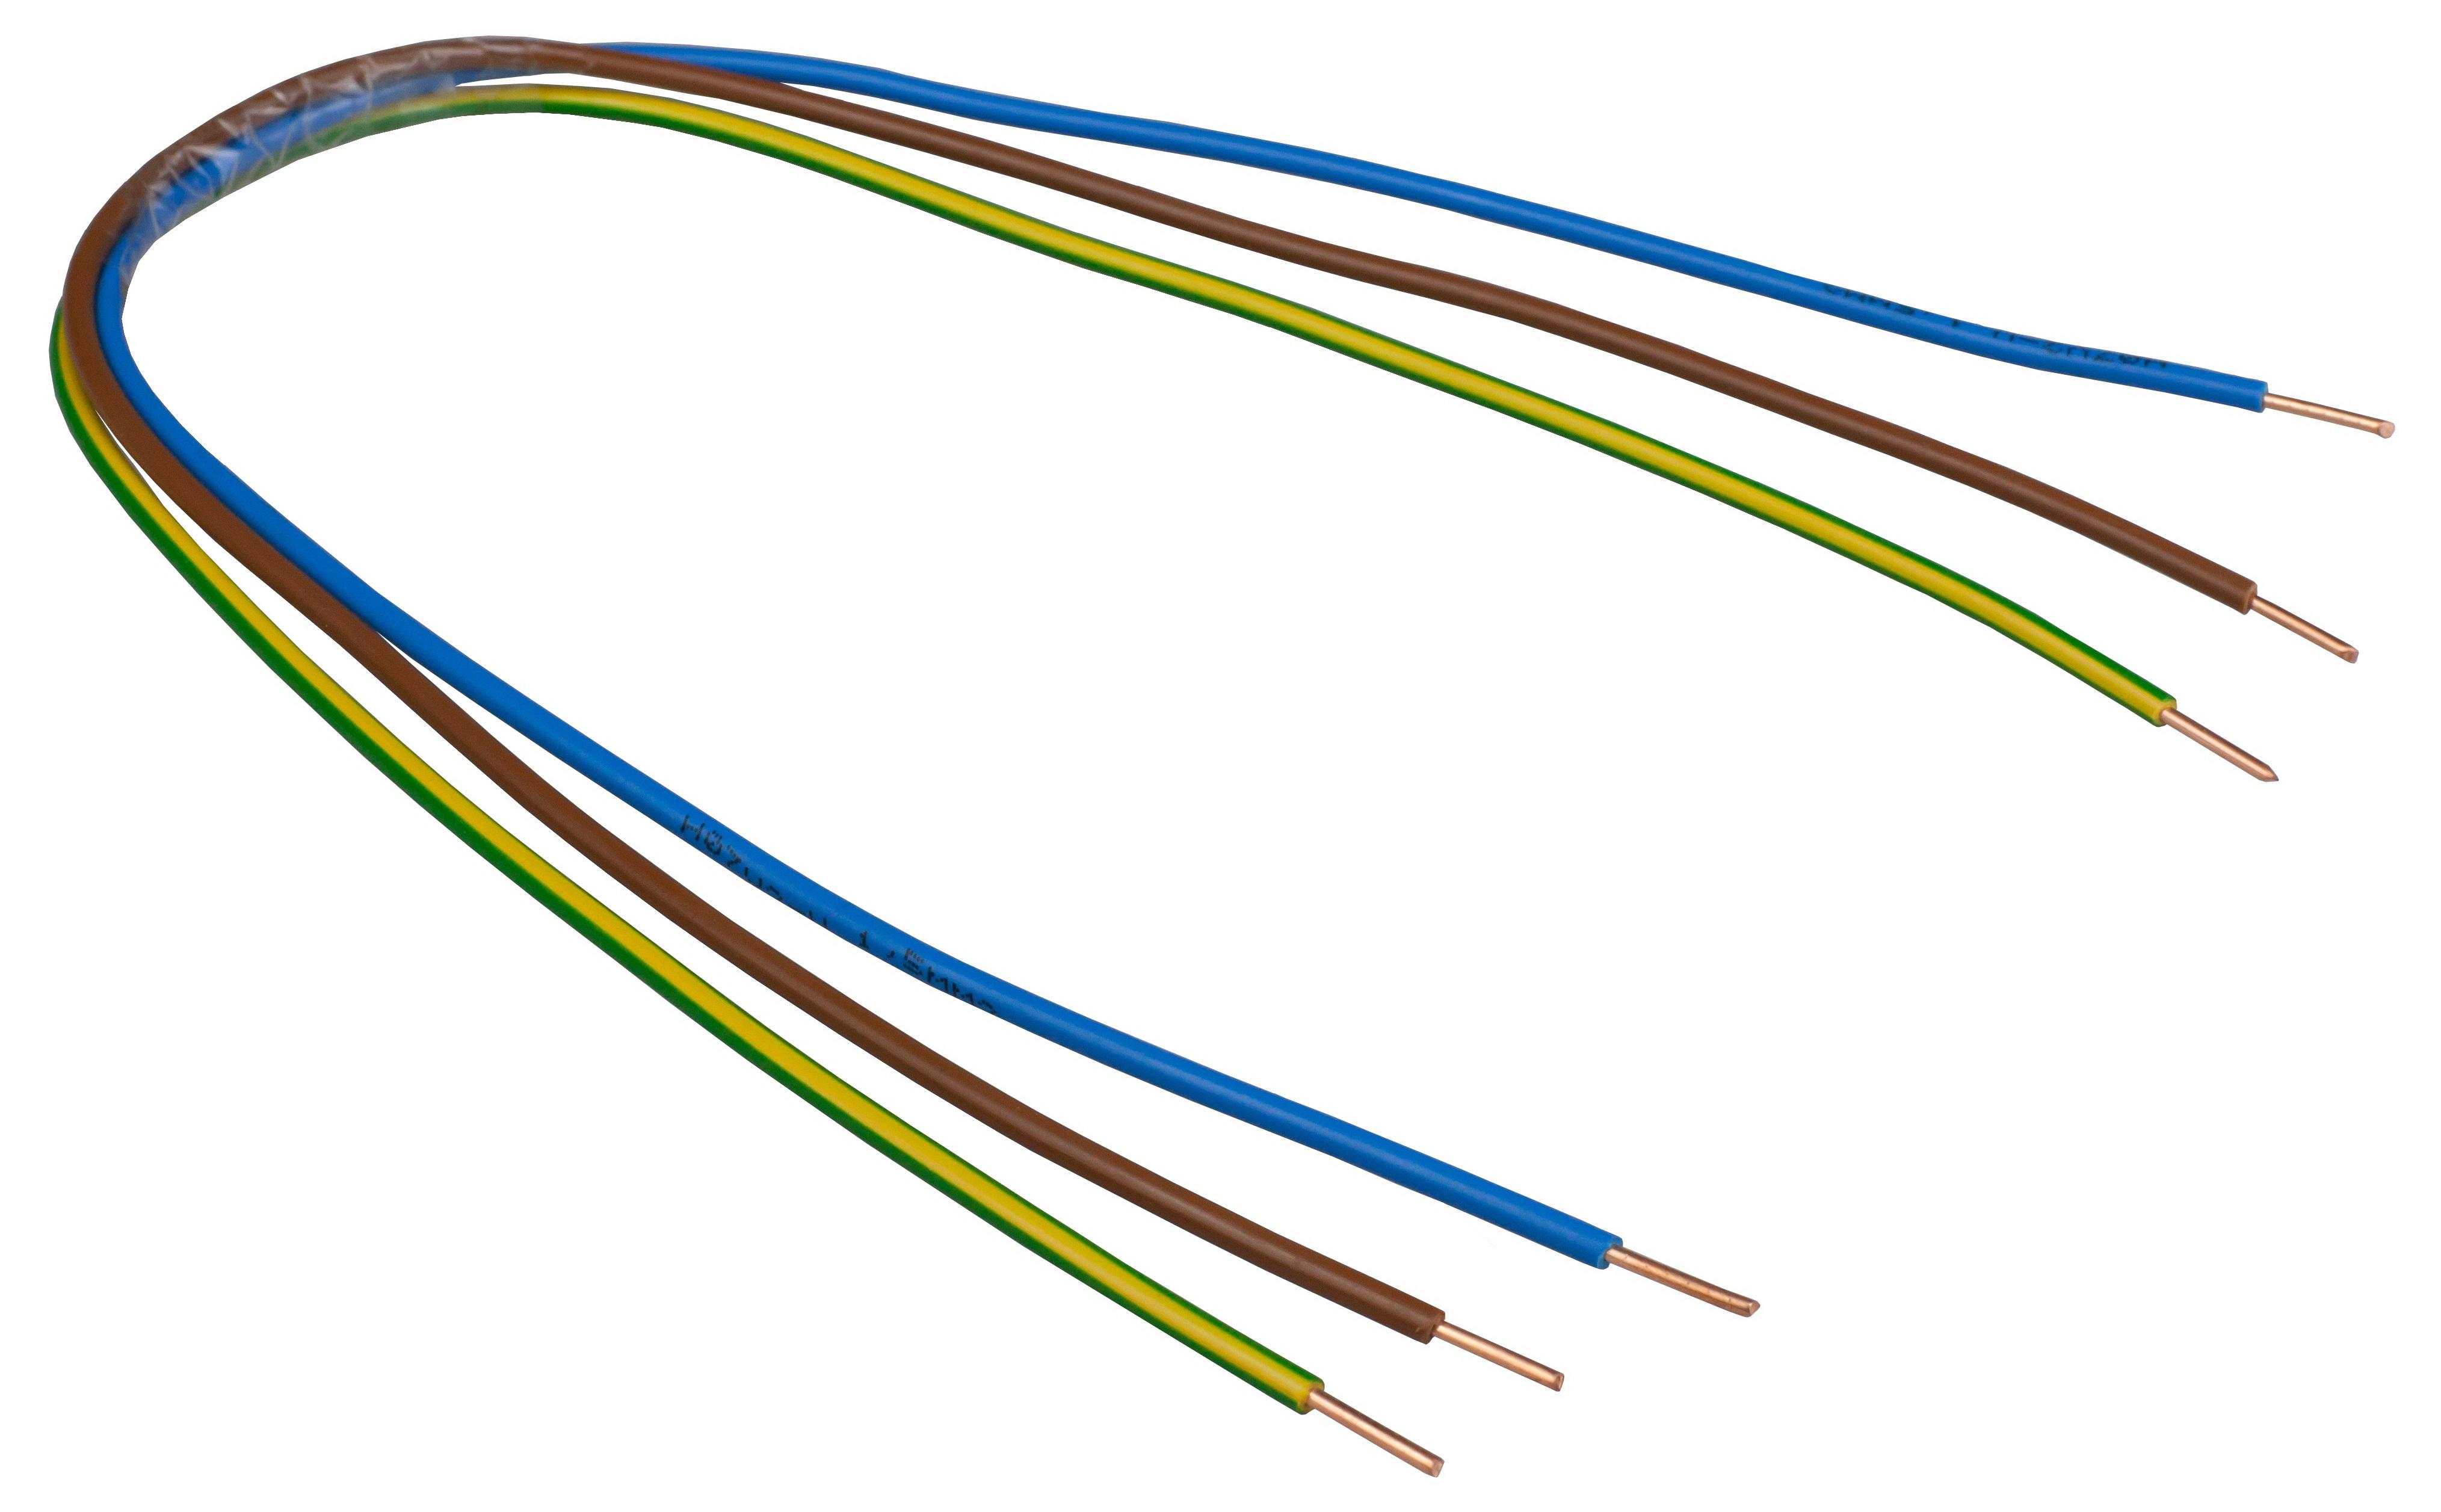 1 Stk Kvadra 70M Durchgangsverdrahtung 5x1,5mm2 LI35000095